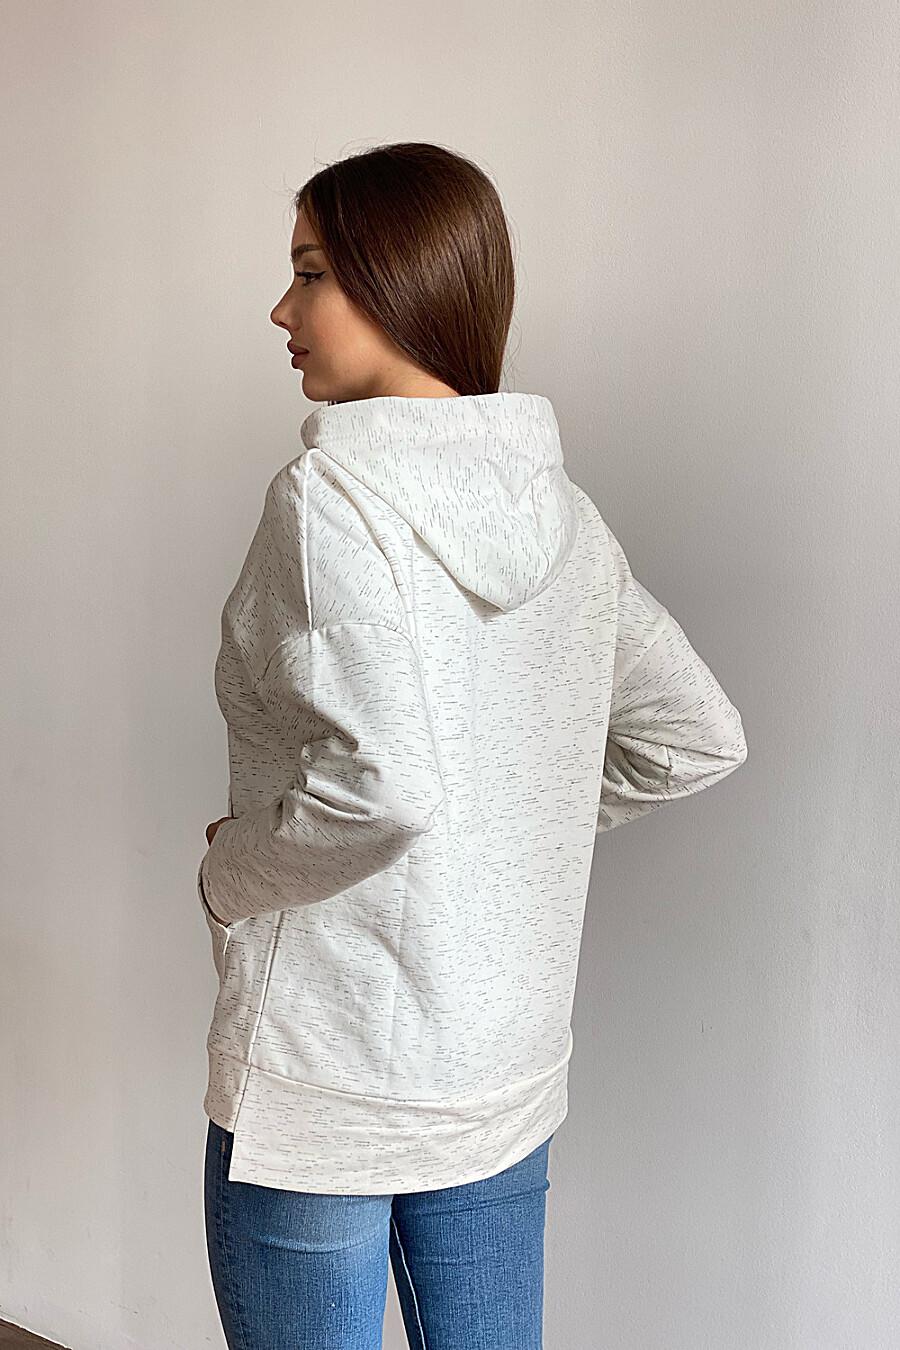 Толстовка 8175 для женщин НАТАЛИ 708656 купить оптом от производителя. Совместная покупка женской одежды в OptMoyo